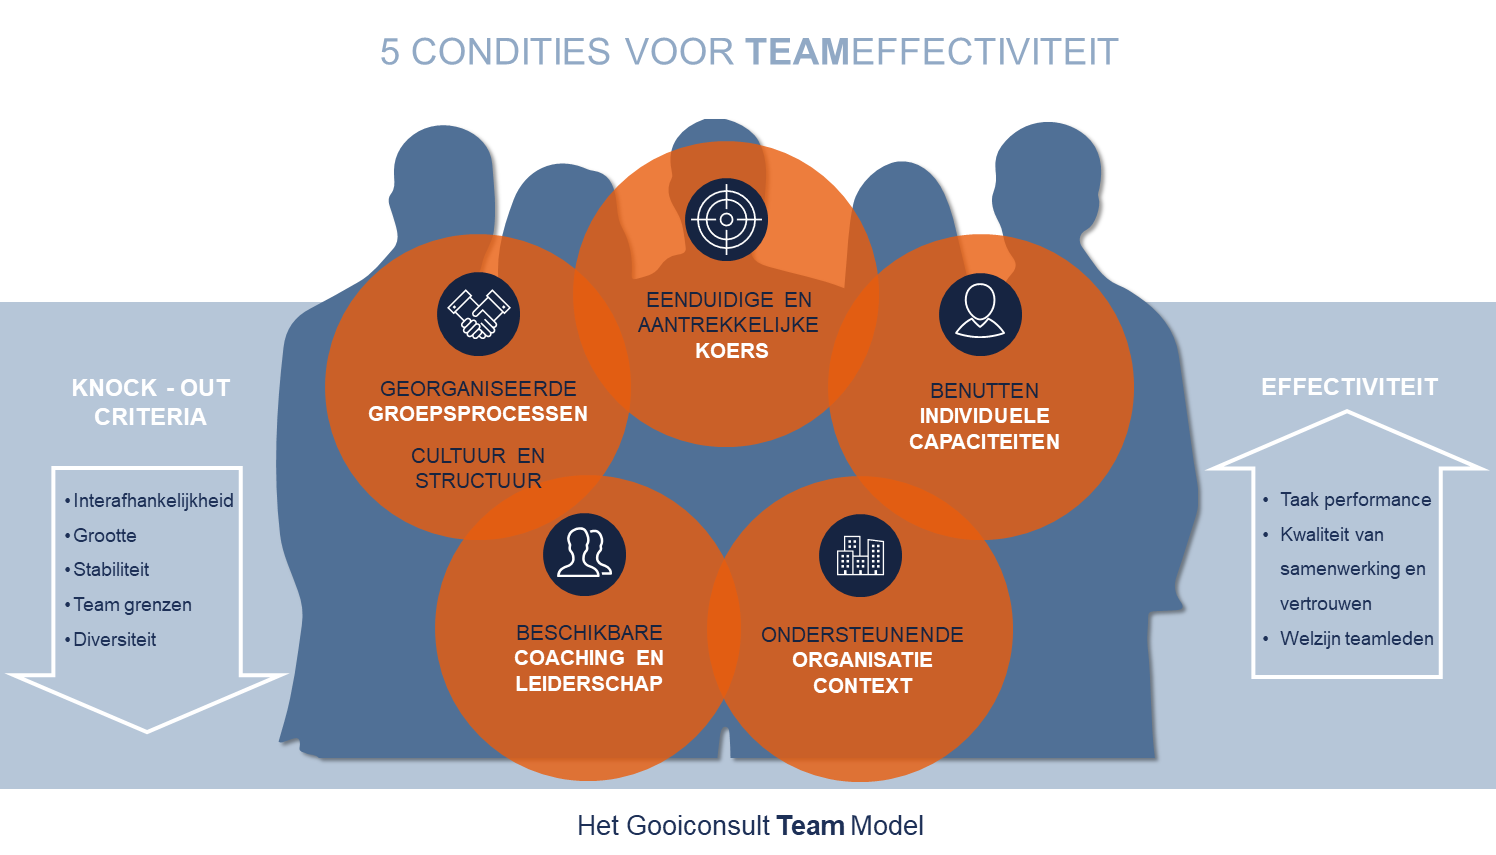 Het Gooiconsult Team Model